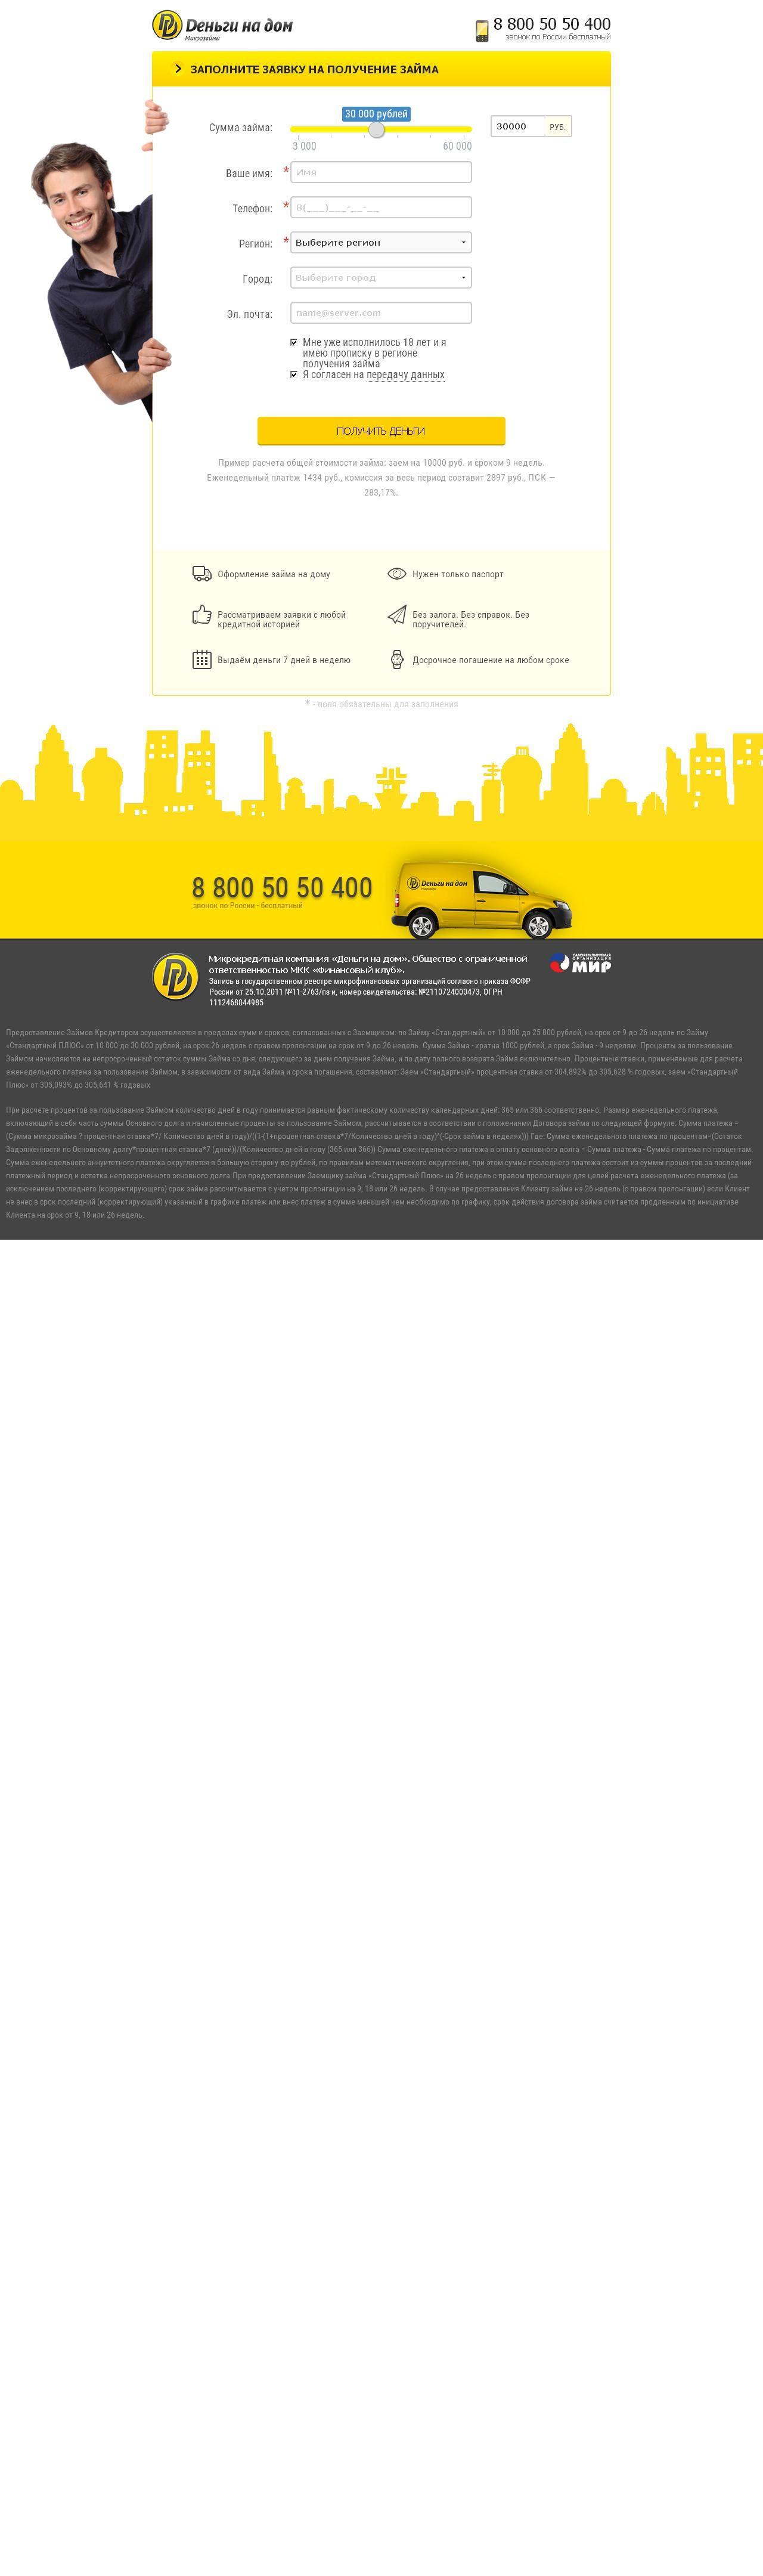 #Деньги #на #дом Микрофинансовая организация «Деньги на дом» – деньги в долг: честные условия и быстрое оформление Деньги на дом Организация «Деньги на дом» предлагает своим клиентам долгосрочные займы и микрозаймы на самых выгодных условиях.